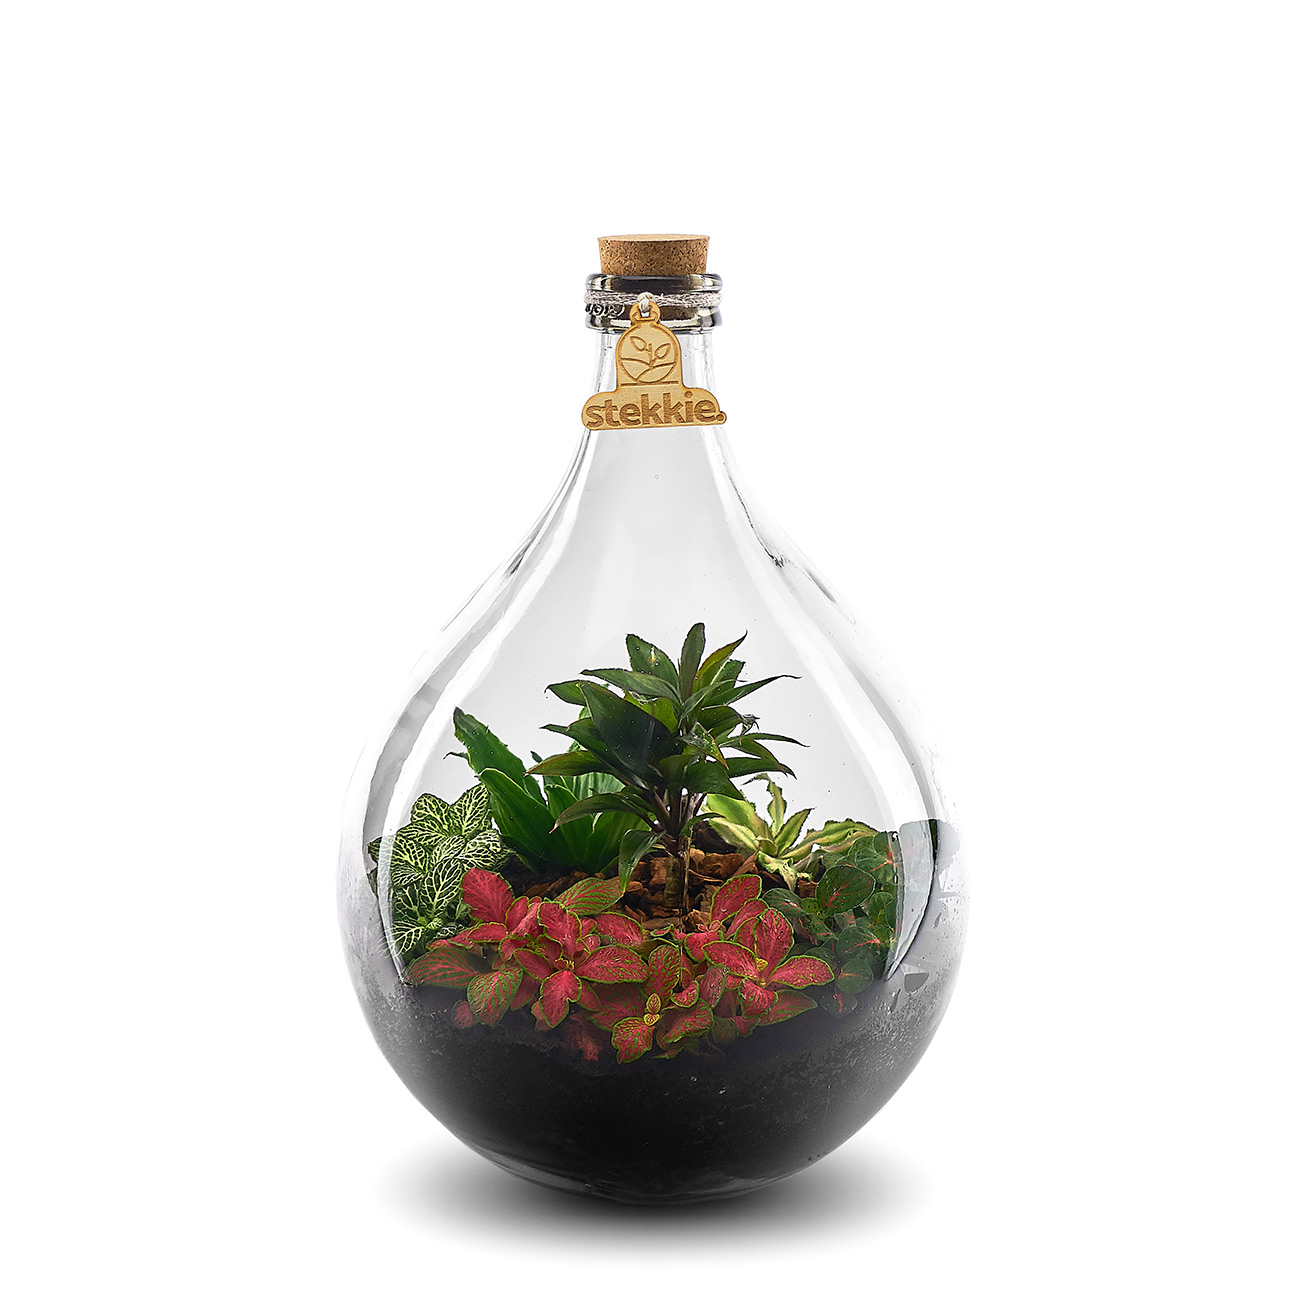 stekkie-medium-planten-terrarium